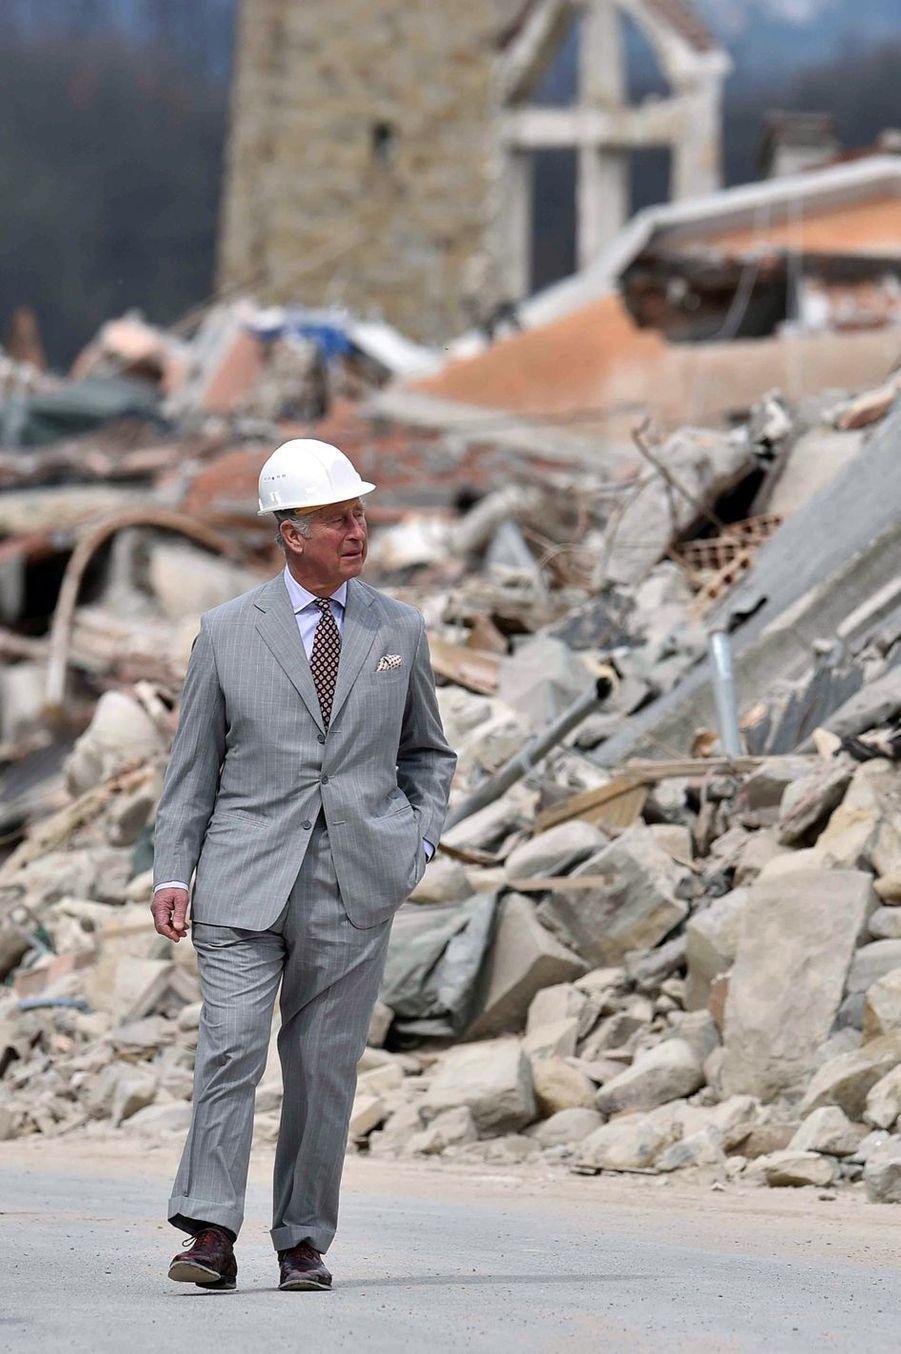 Le Prince Charles Au Chevet D'Amatrice En Italie, Détruite En Août 2016 Par Un Séisme 17